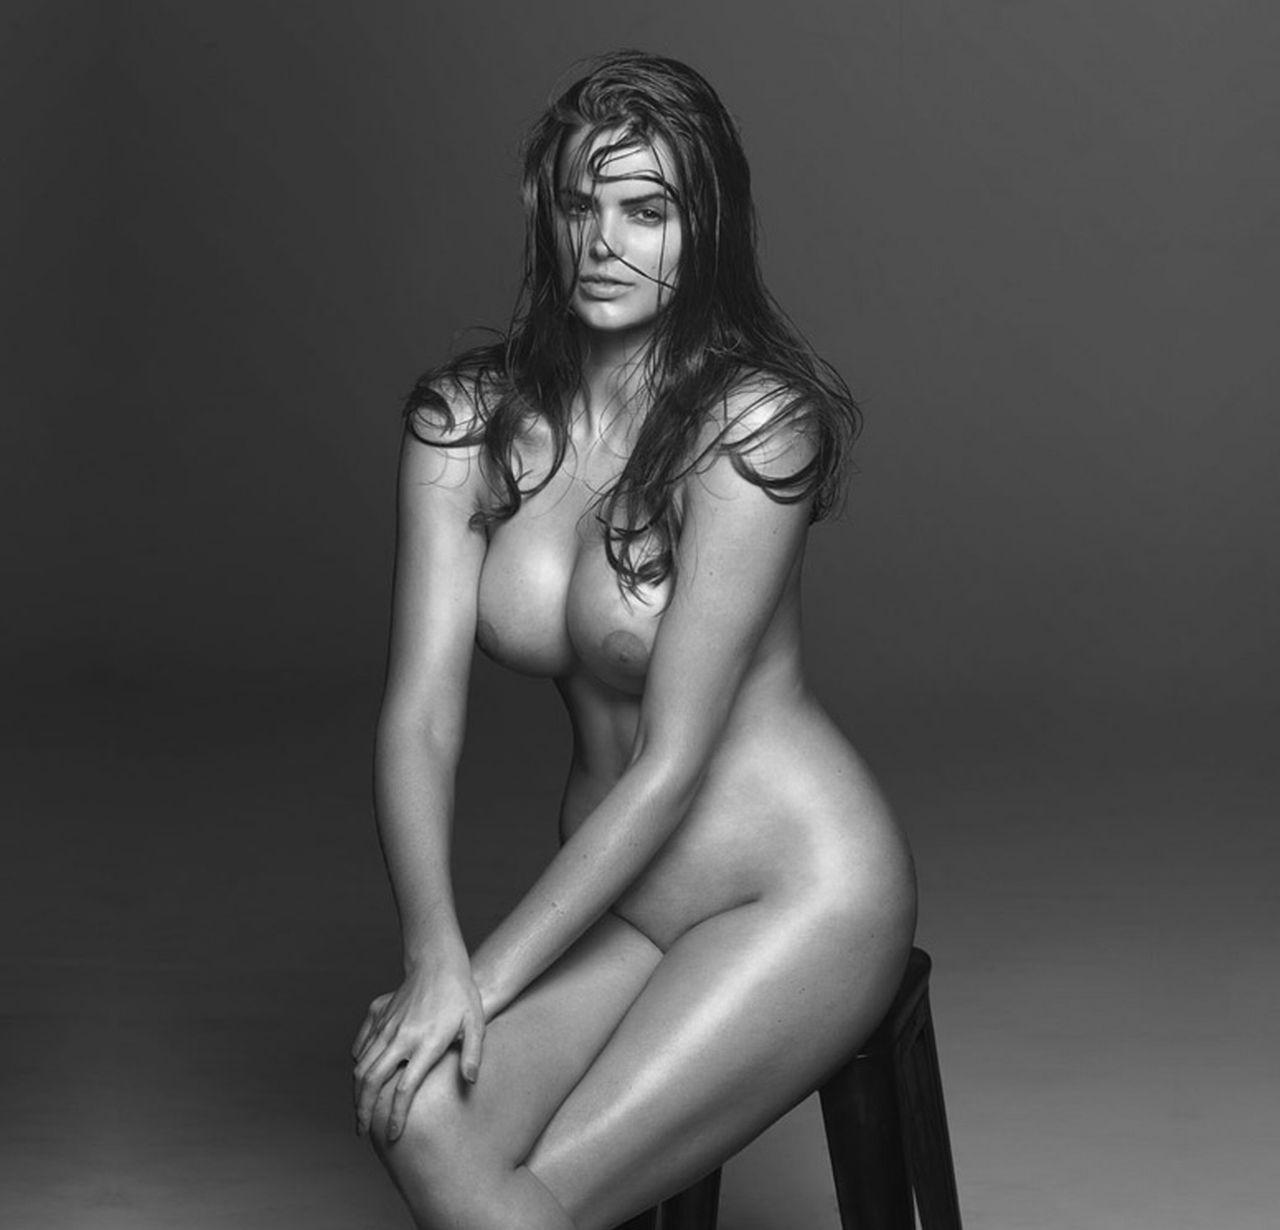 Фотографии голых моделей 19 фотография